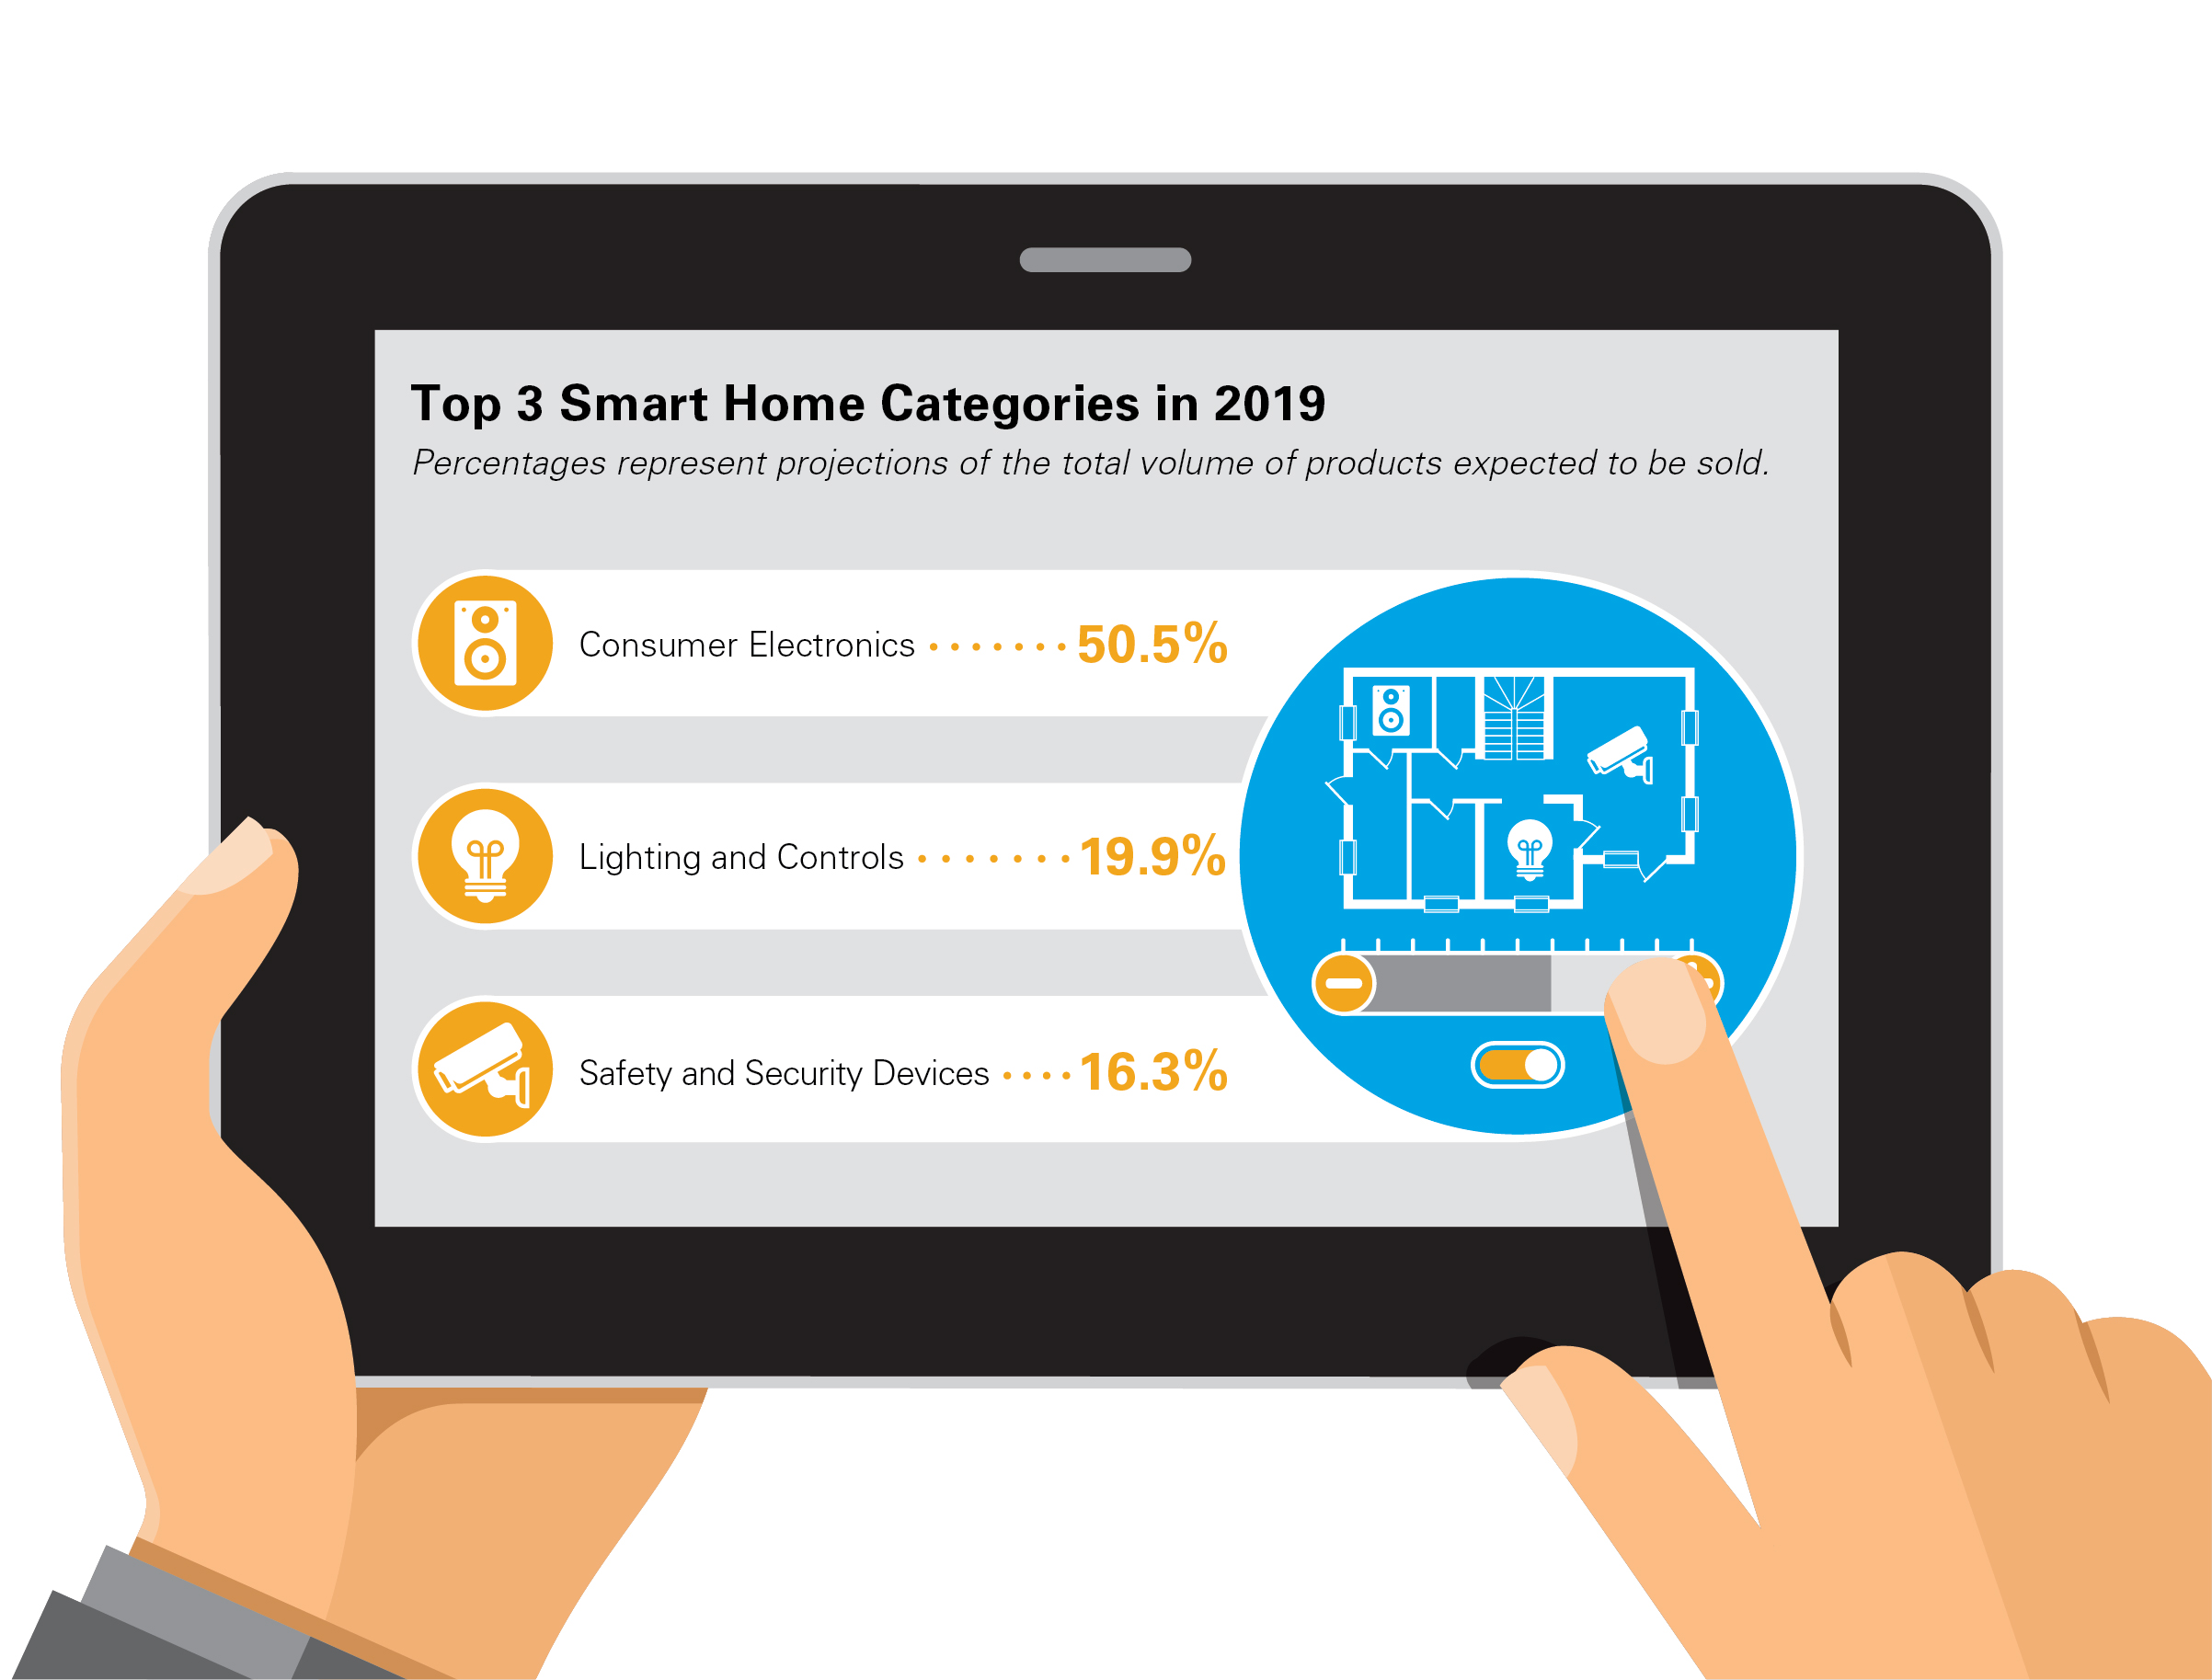 Top 3 Smart Home Categories